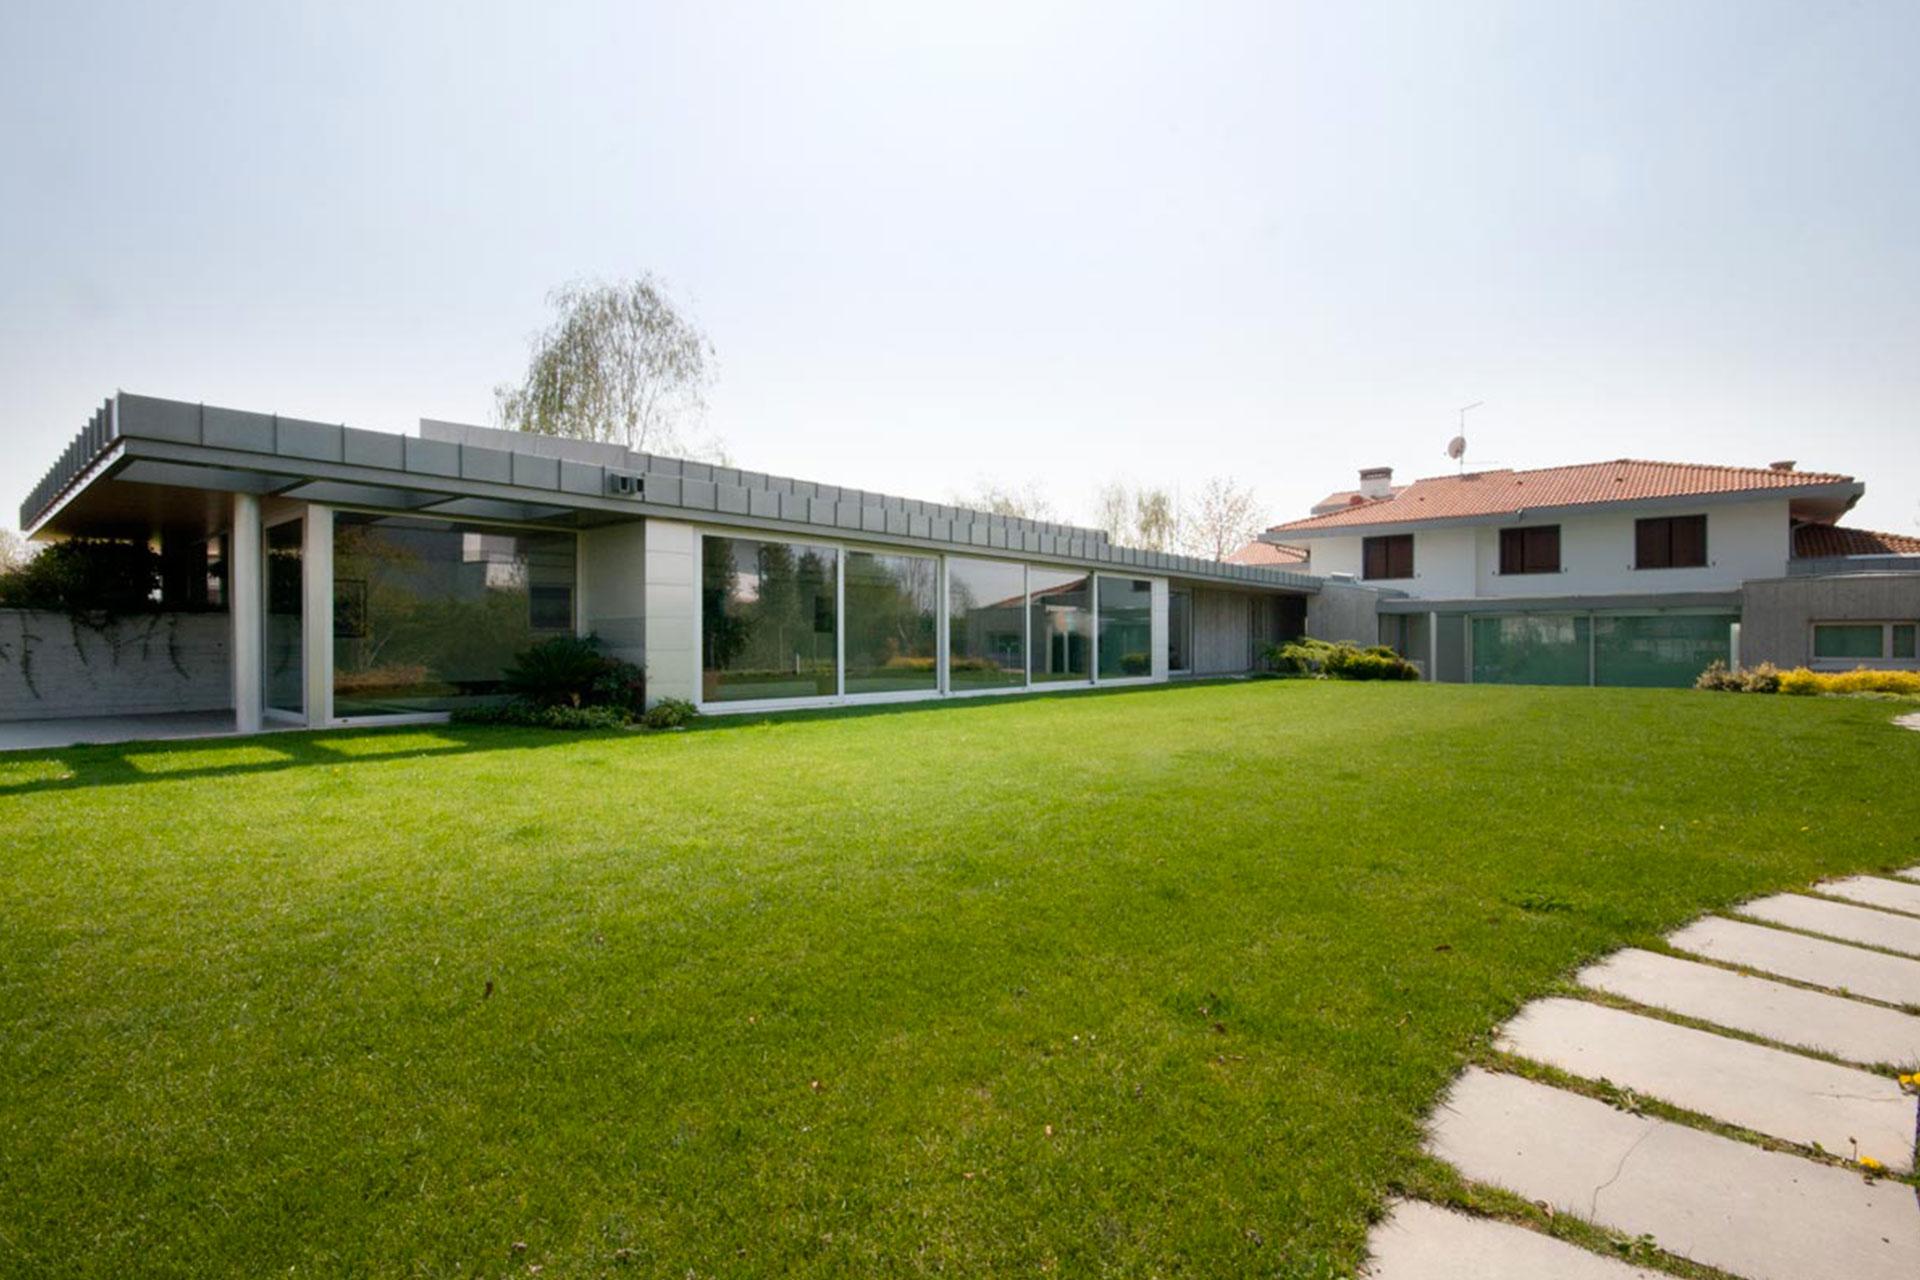 installazione serramenti scorrevoli bianchi udine casa privata 2